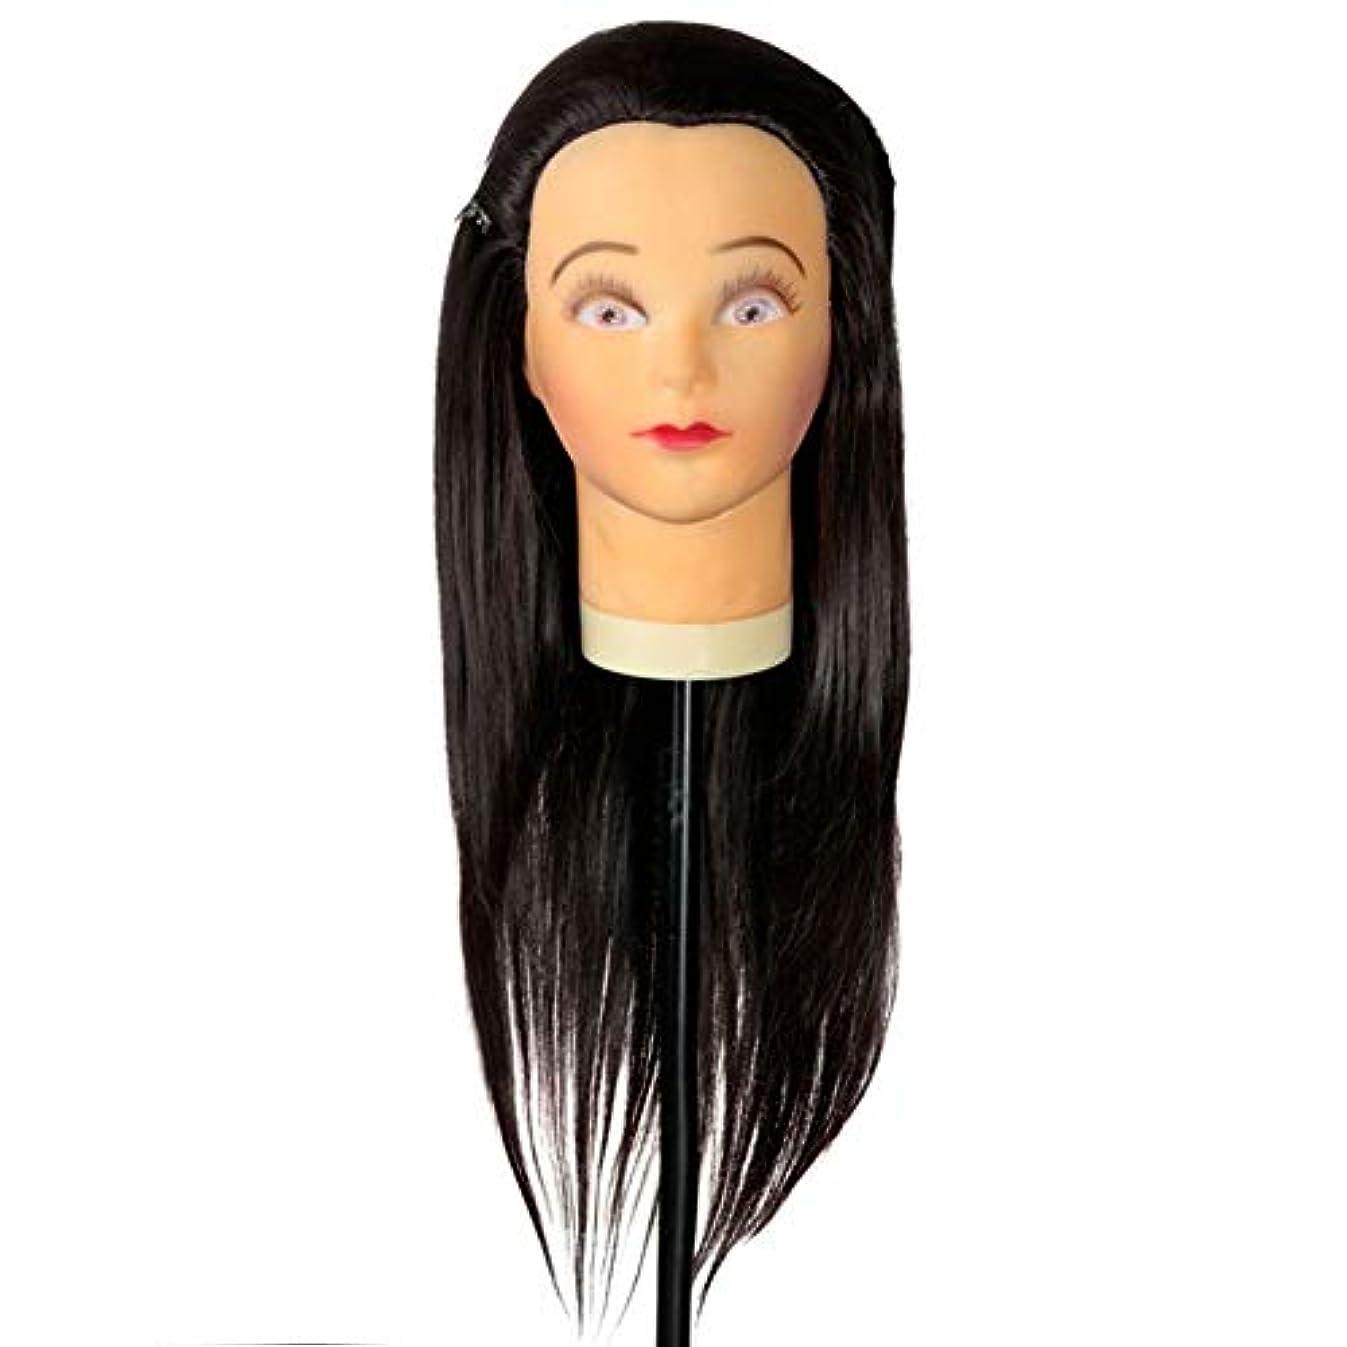 ブーム徐々に中間メイクアップエクササイズディスク髪編組ヘッド金型デュアルユースダミーヘッドモデルヘッド美容ヘアカットティーチングヘッドかつら